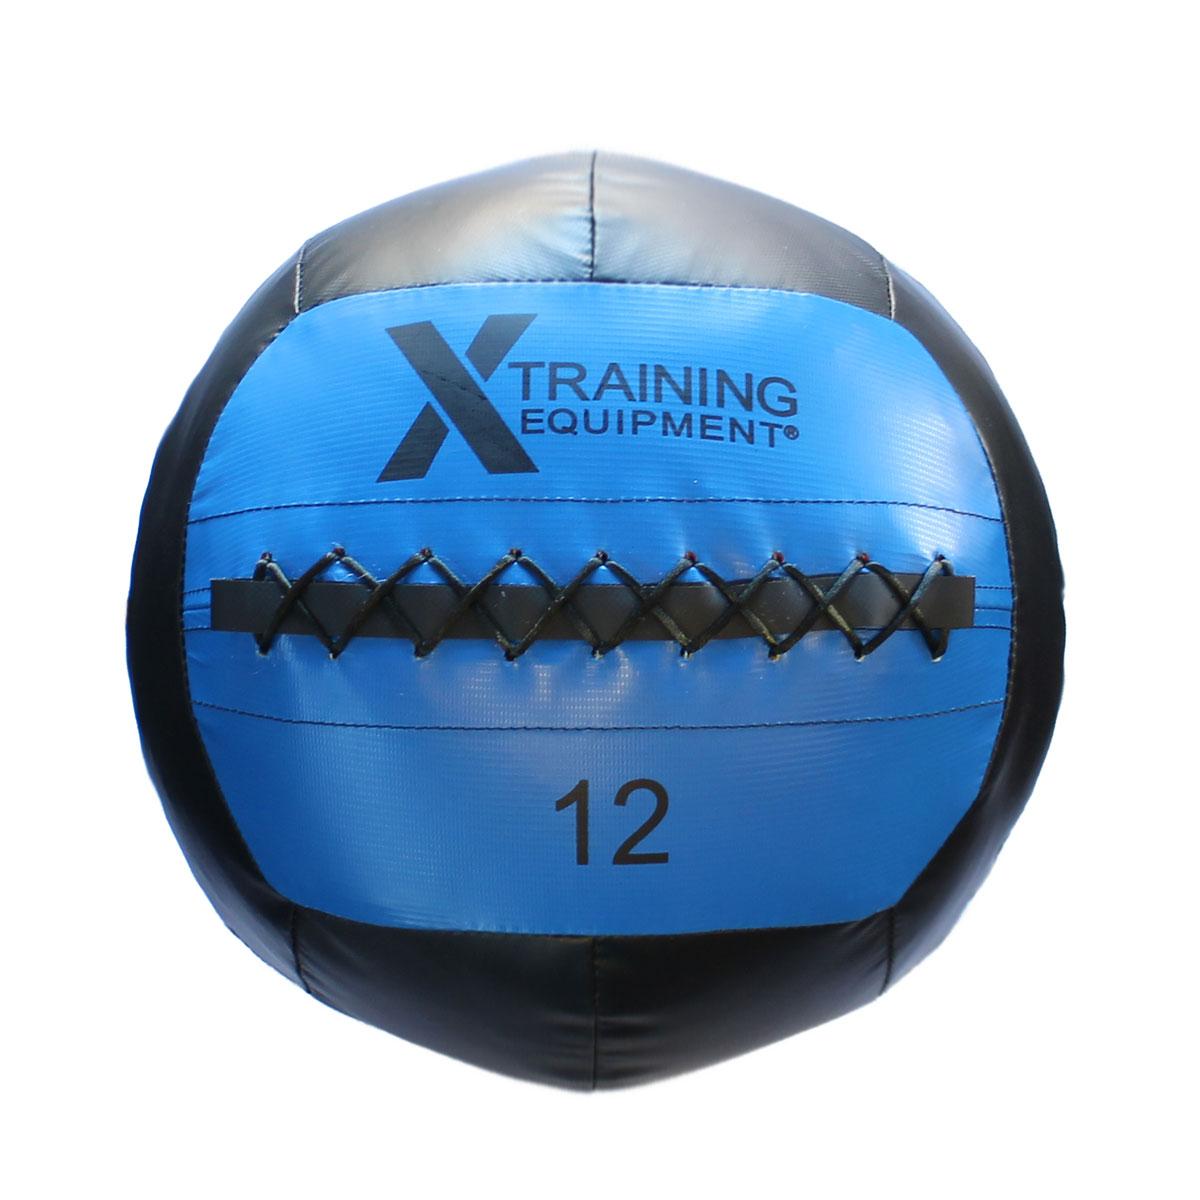 Wall Ball - 12LB - Pre-Order Now - ETA 3/24